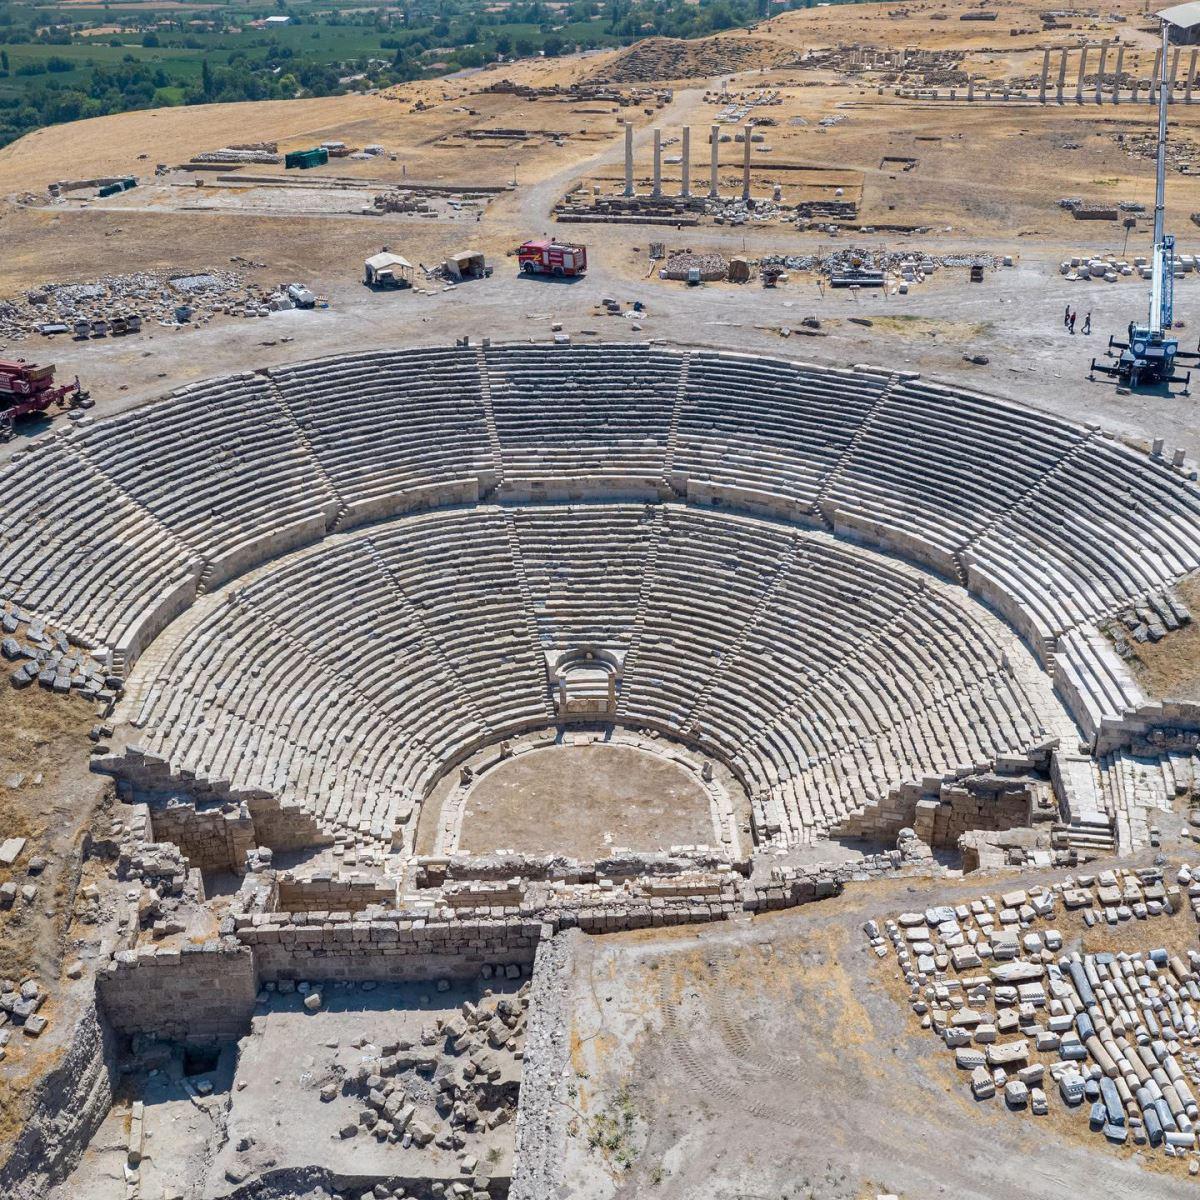 <p><strong>SON TAŞI ŞİMŞEK KOYDU</strong></p><p>Antik kentte, milattan önce 2'nci yüzyılda yapılan 15 bin kişilik antik tiyatroda yürütülen restorasyon çalışmalarında son taşı da kazı başkanı Prof. Dr. Celal Şimşek koydu ve yaşadıkları mutluluğu ifade etti.&nbsp;</p>